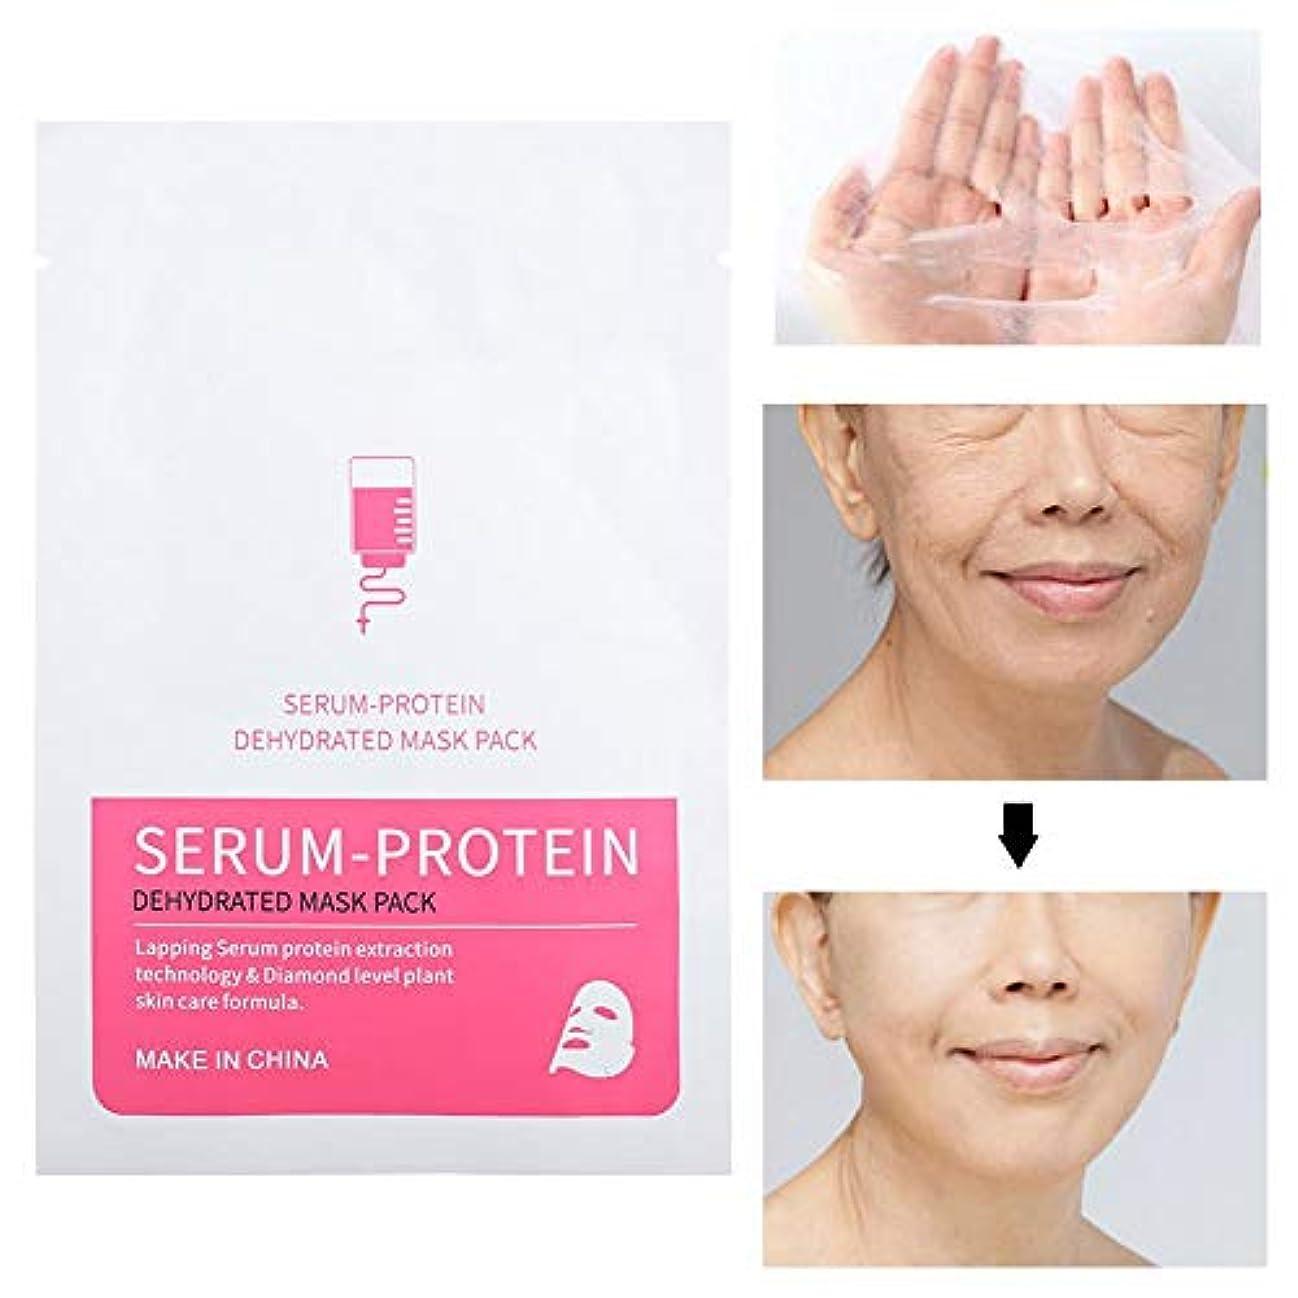 割るエンターテインメントシリアル3.5g血清蛋白質のマスク、凍結乾燥させた粉のマスクをしっかり止める反しわの収縮の気孔